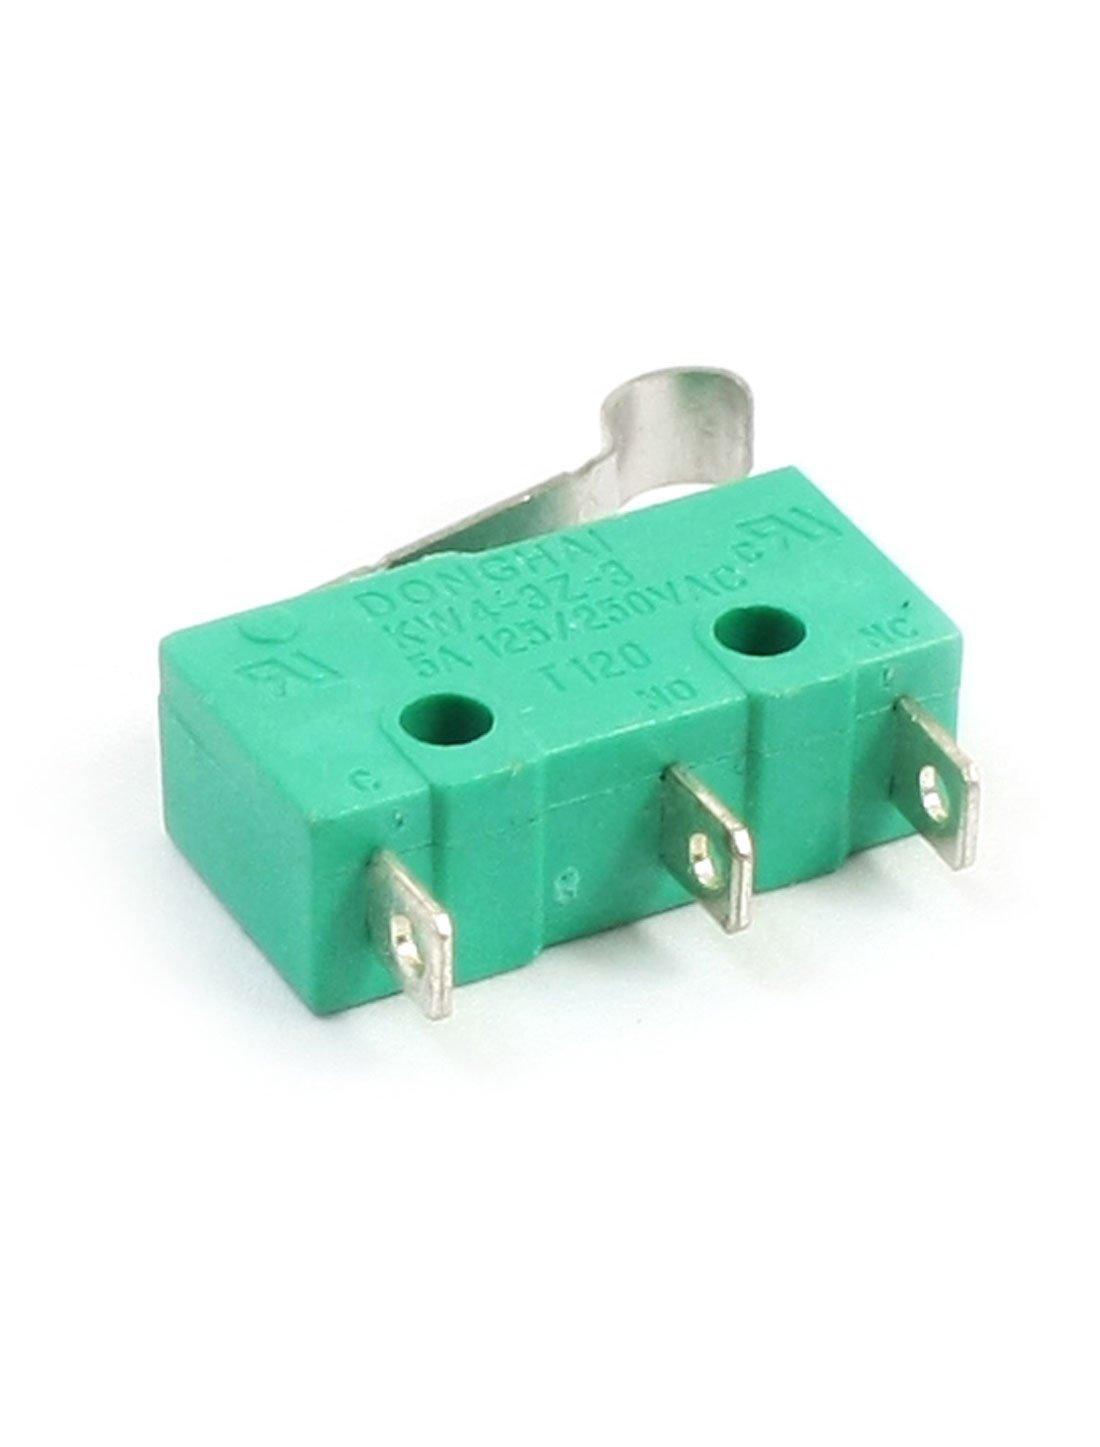 sourcingmap 5 pi/èces AC 125V 5 A Levier De Charni/ère Micro Interrupteur KW4-3Z-3 pour le moulin CNC